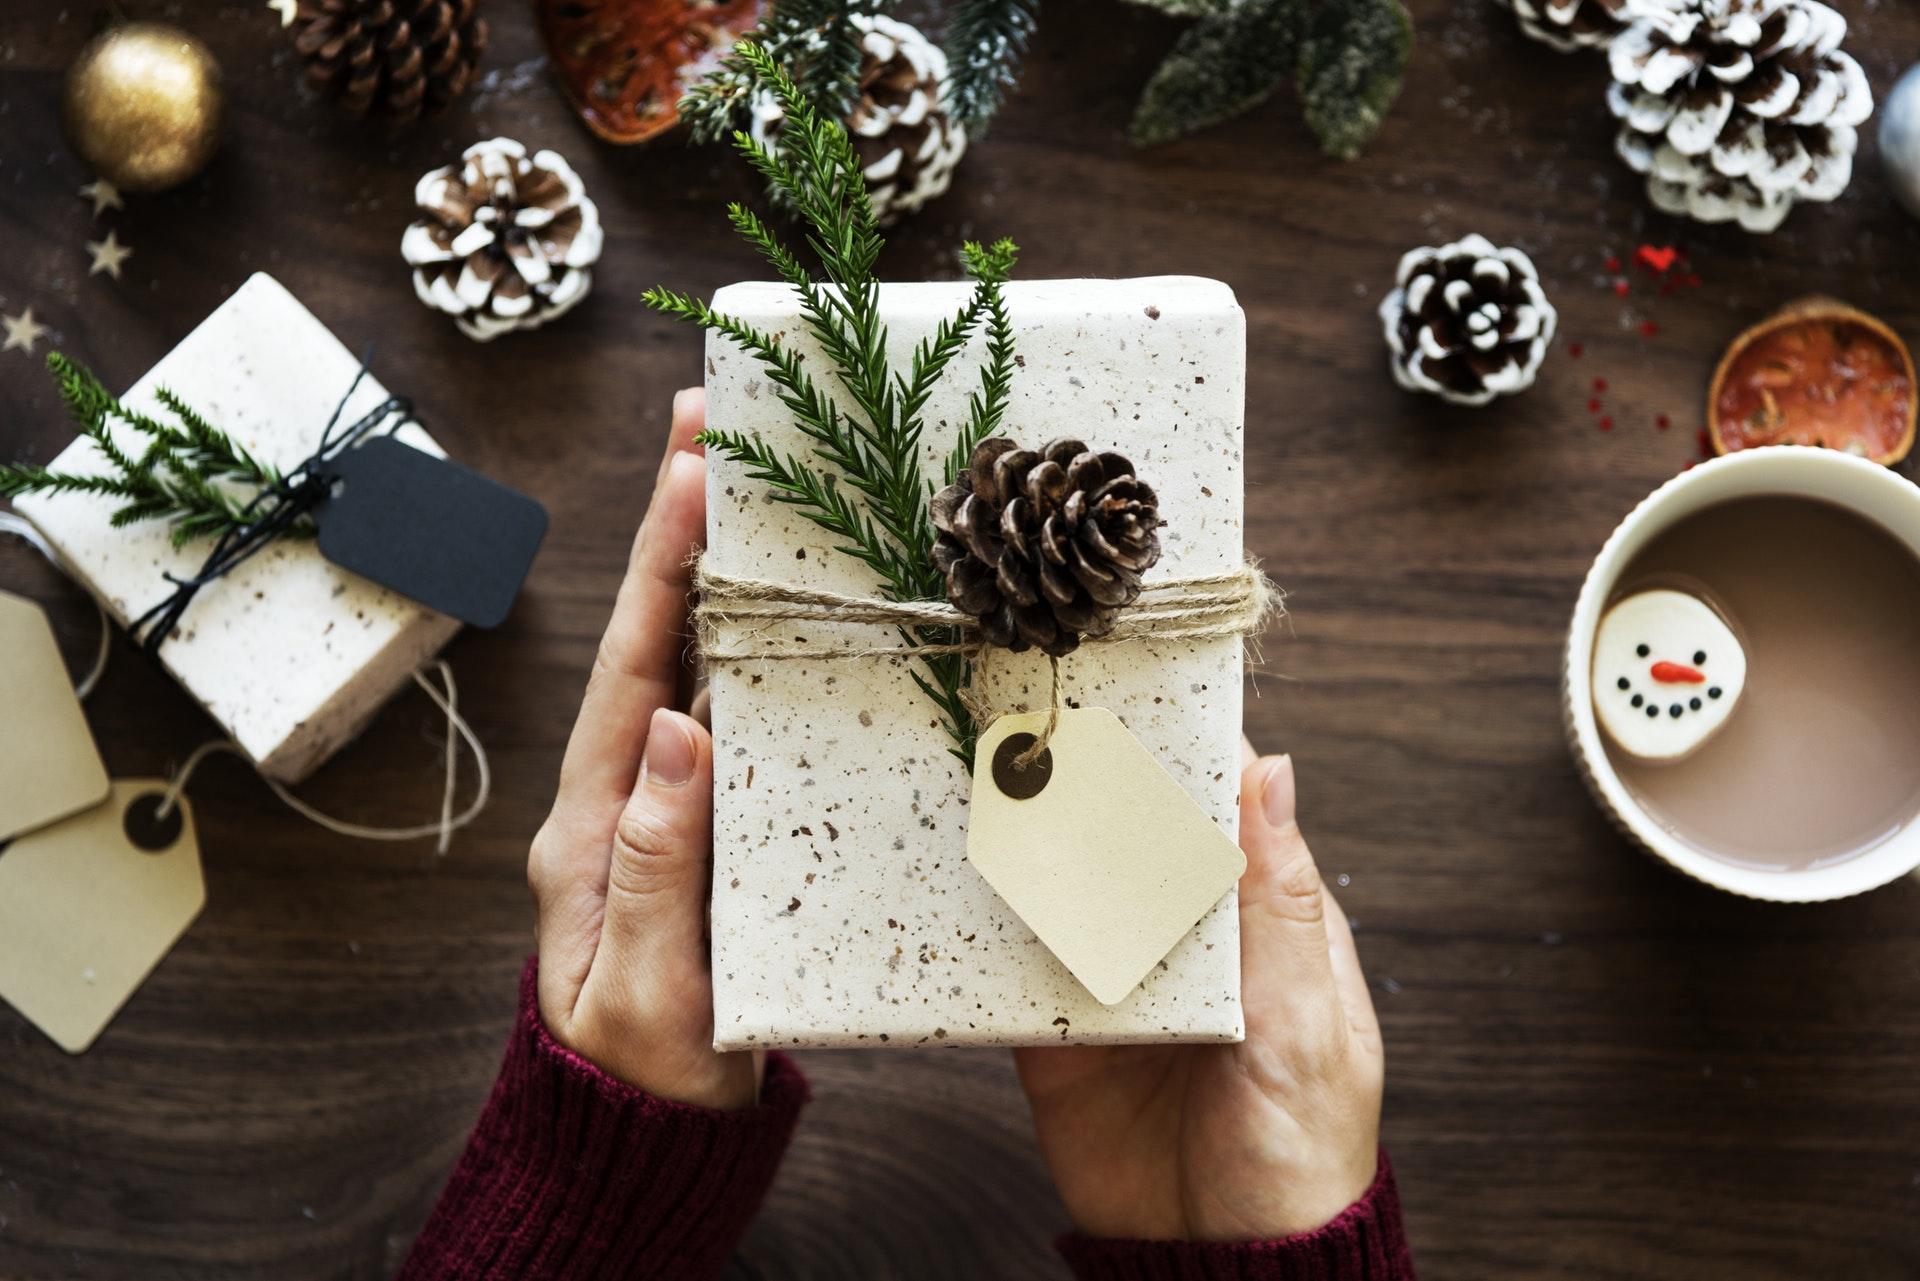 Genoeg 50+ leuke kerstcadeaus voor mannen - Christmaholic.nl #CD32